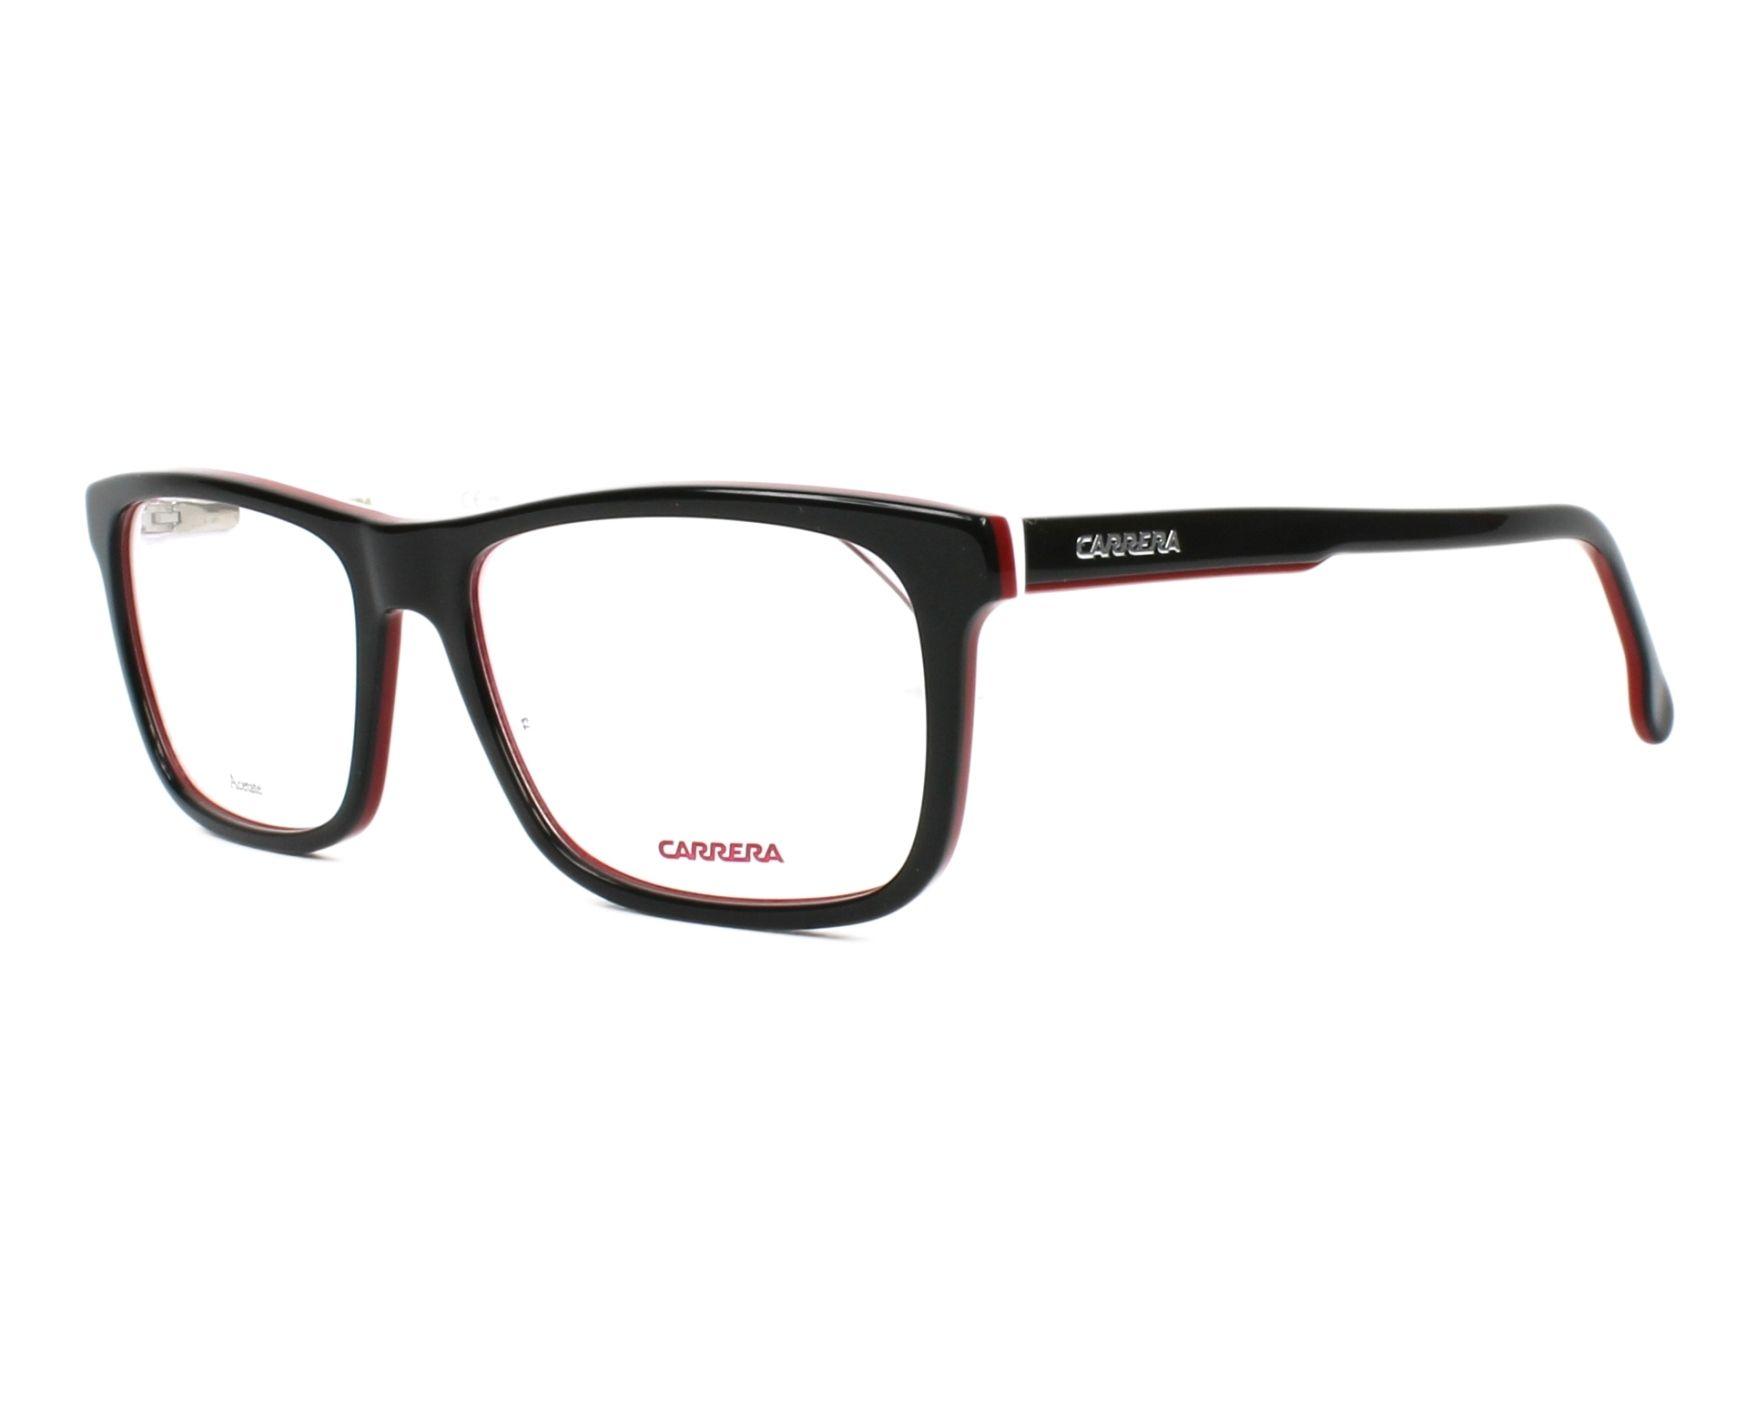 197ba3748e Gafas Graduadas Carrera 1106-V 807 55-17 Negra Blanco vista de perfil